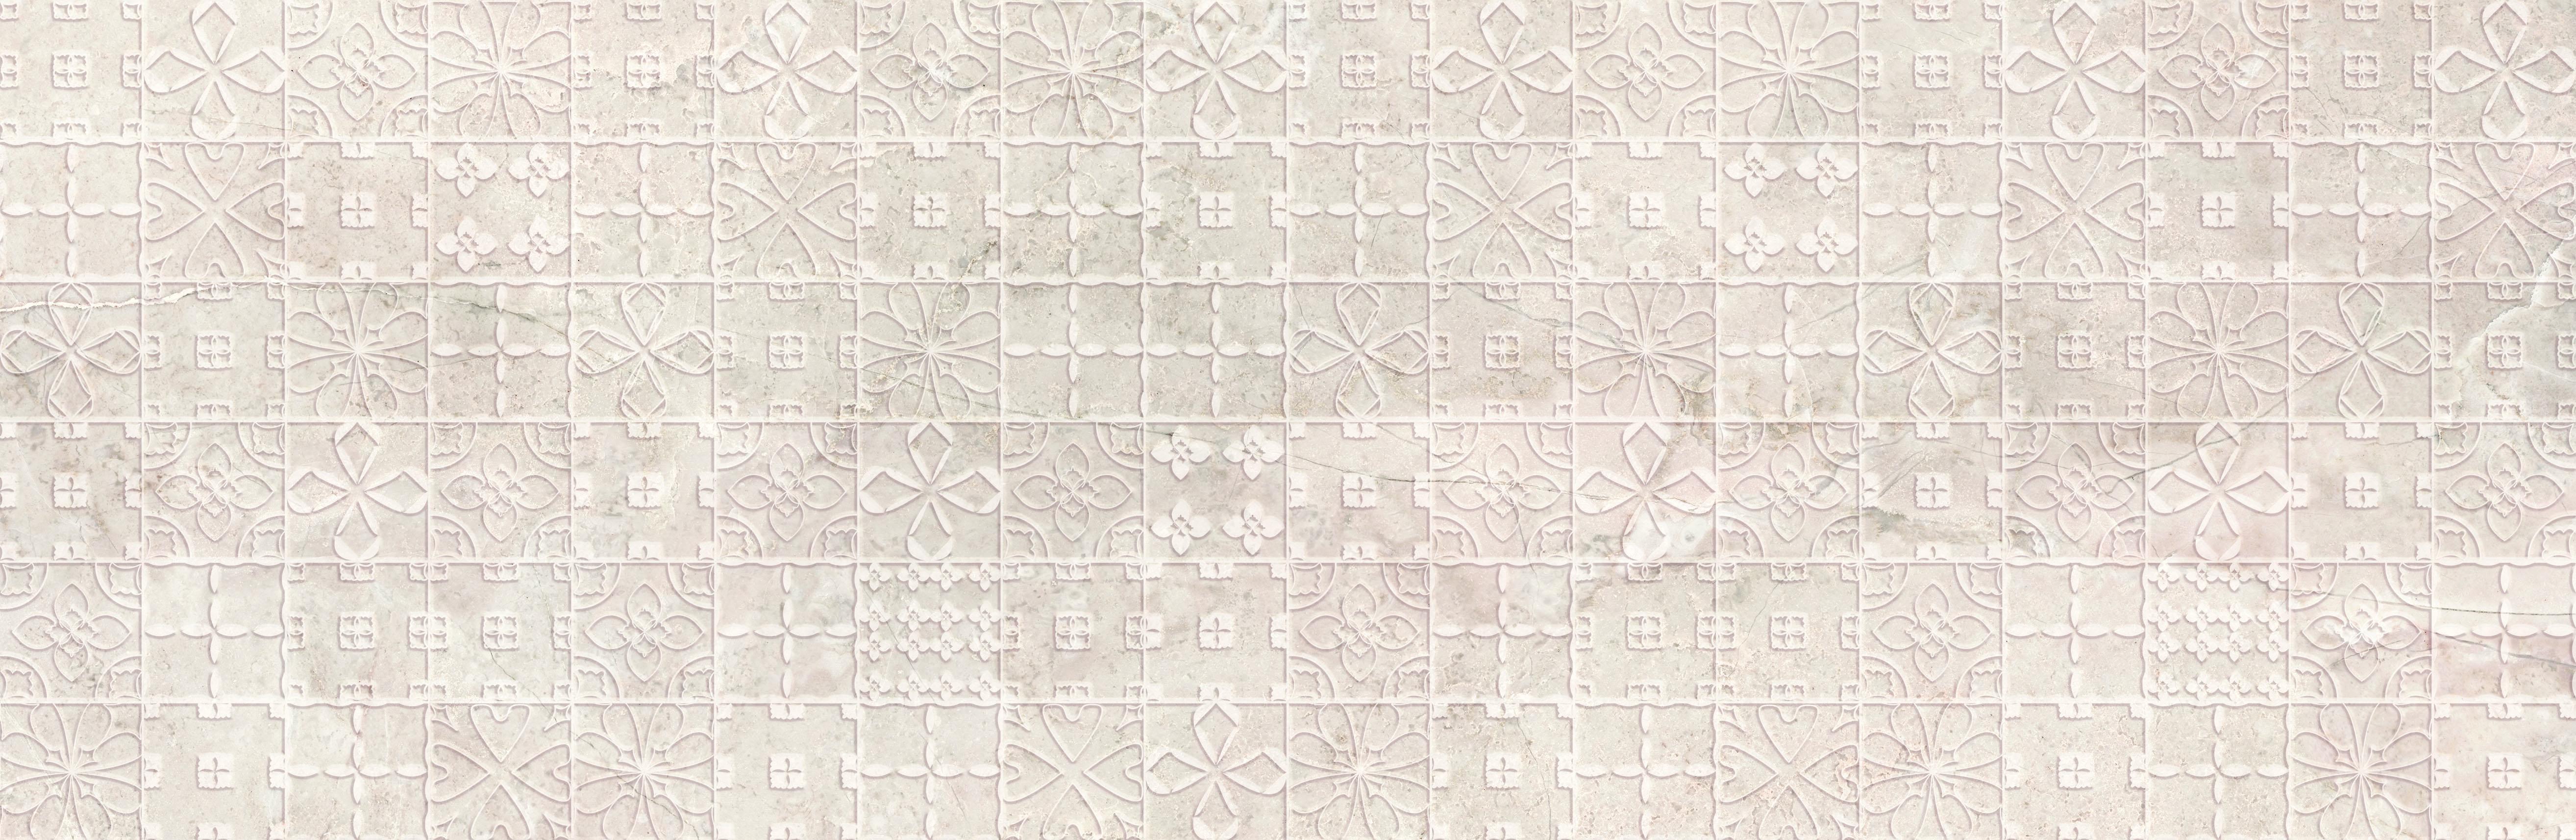 Купить Керамическая плитка Mei Grand Marfil бежевый (O-GRB-WID011-54) декор 29x89, Россия